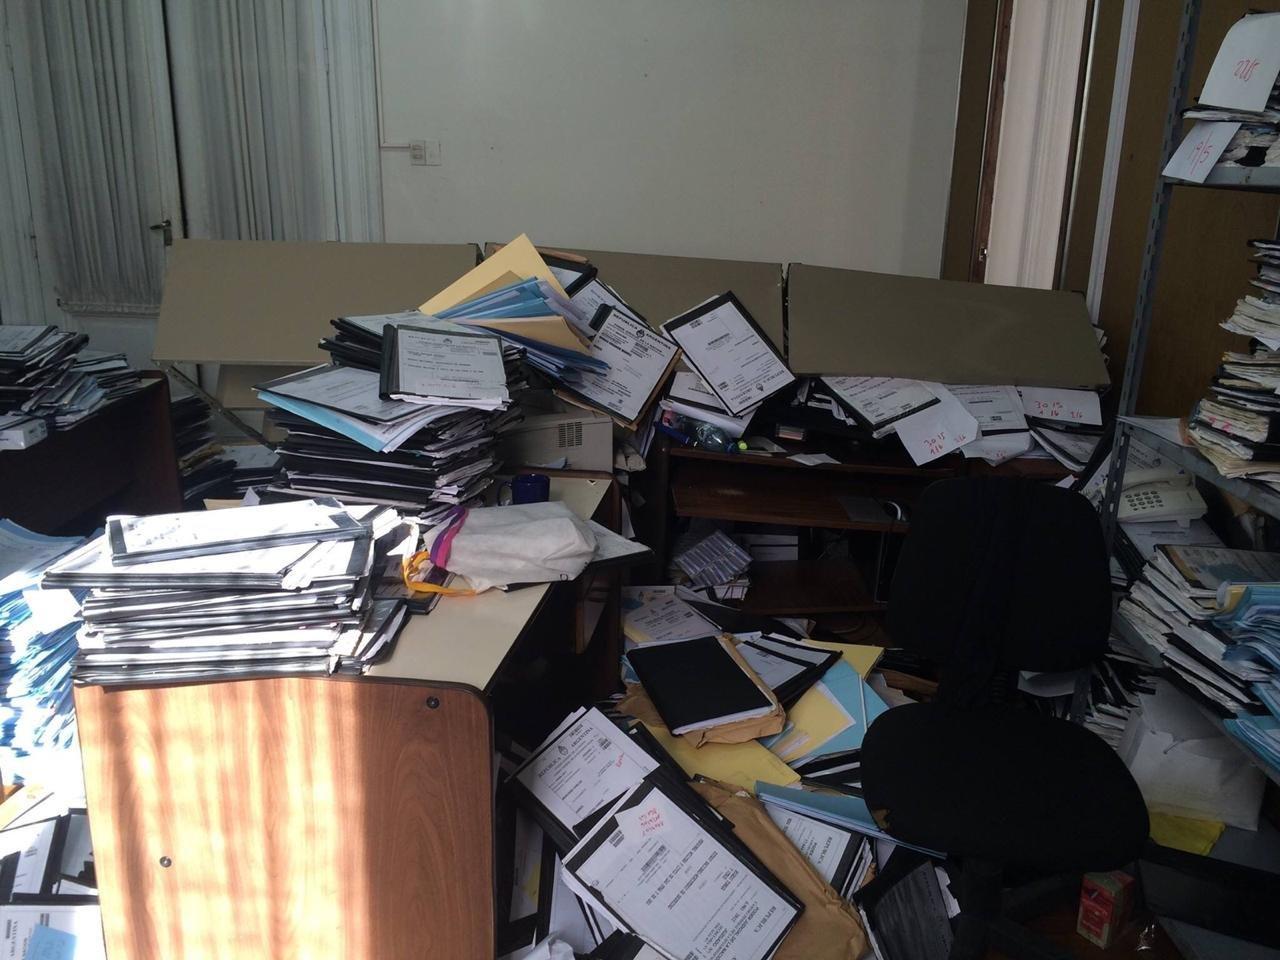 Cientos de documentos y expedientes apilados en una de las oficinas de la Cámara Federal de Casación Penal en Buenos Aires, Argentina